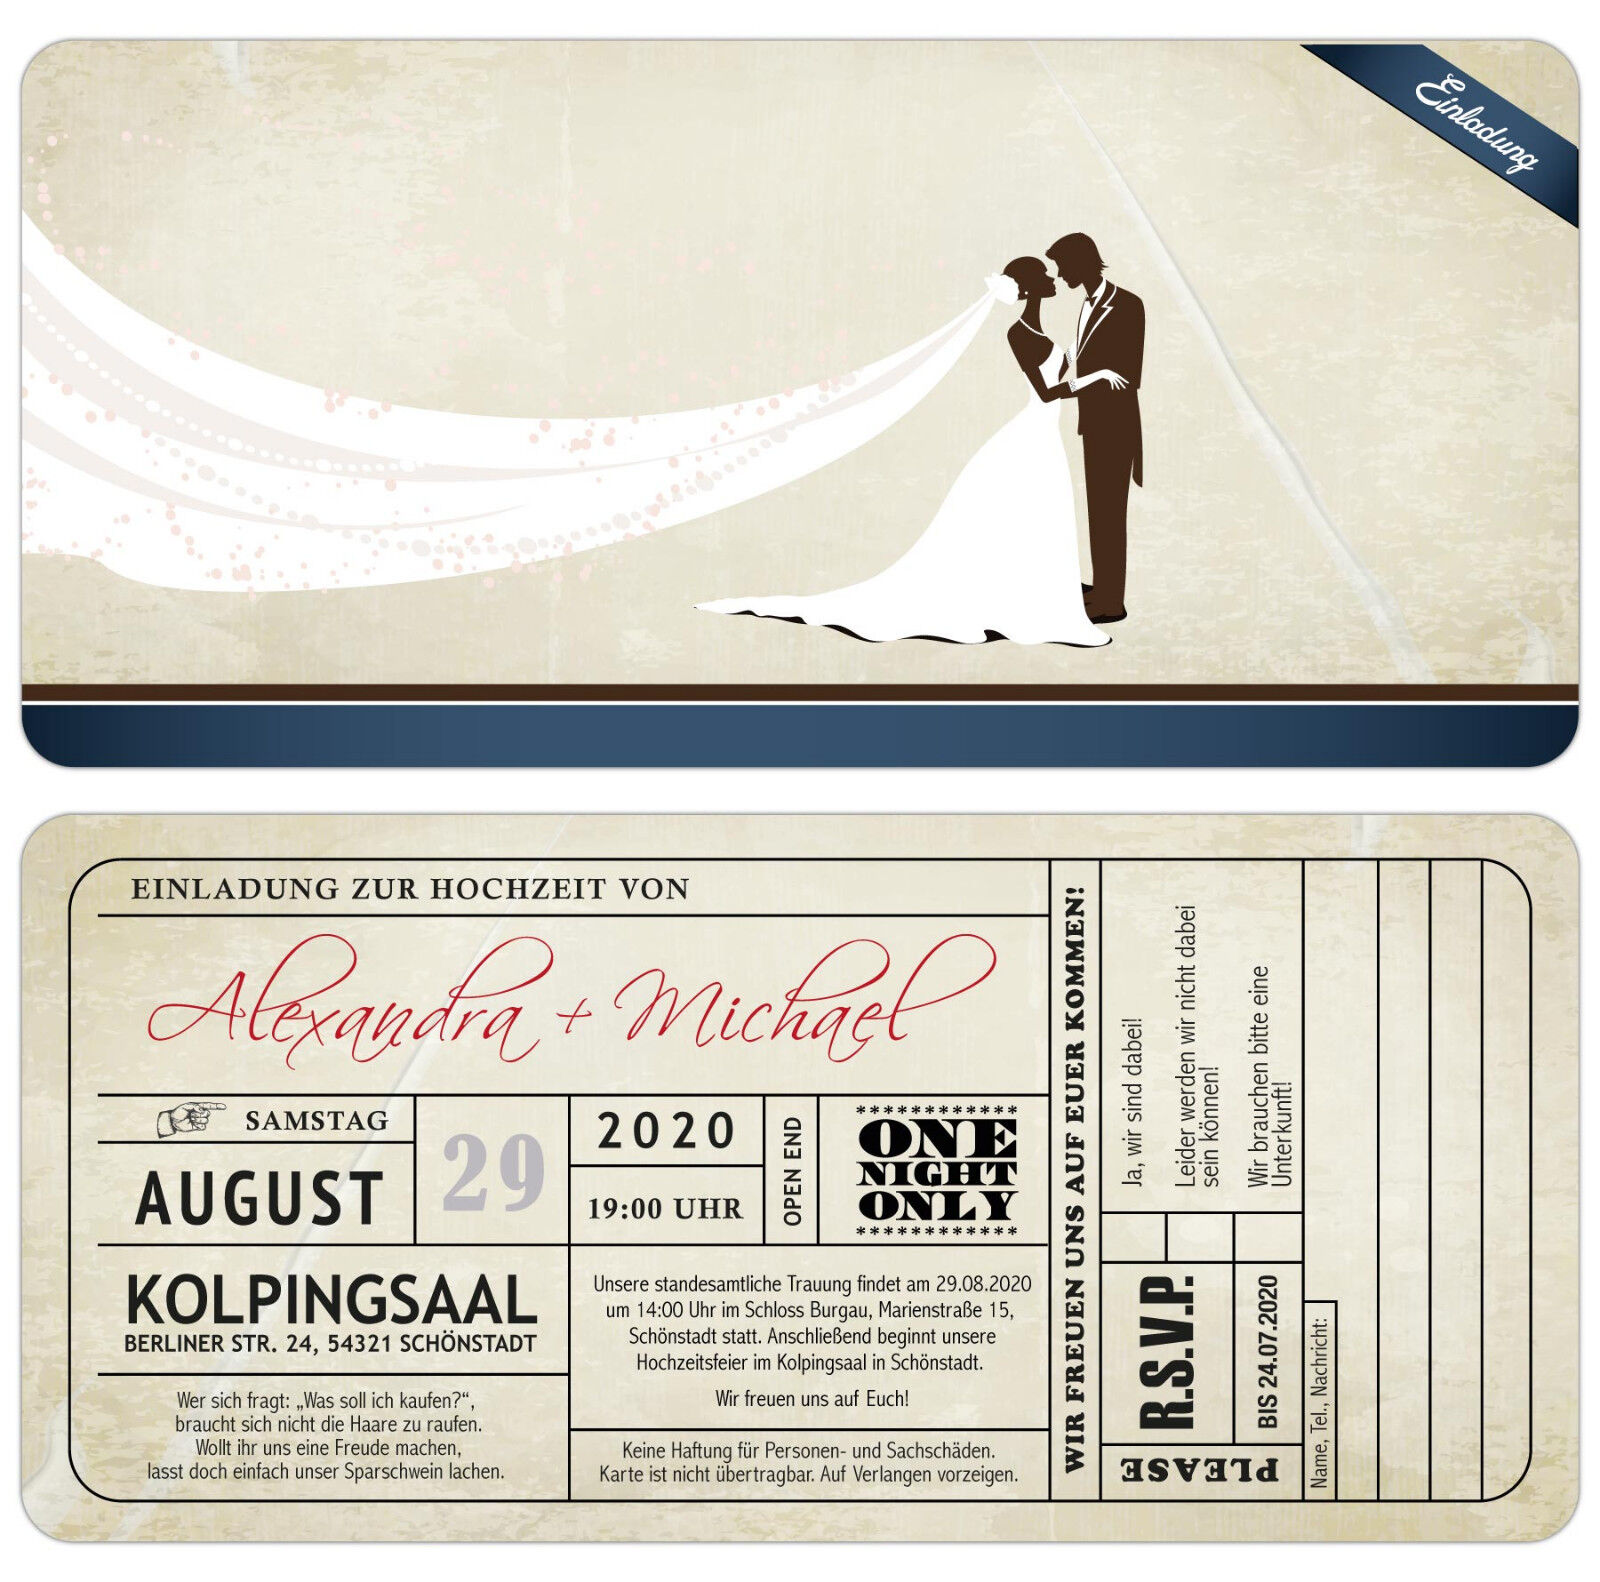 Vintage Einladungskarte zur Hochzeit mit Antwortkarte im Used-Look mit Abriss